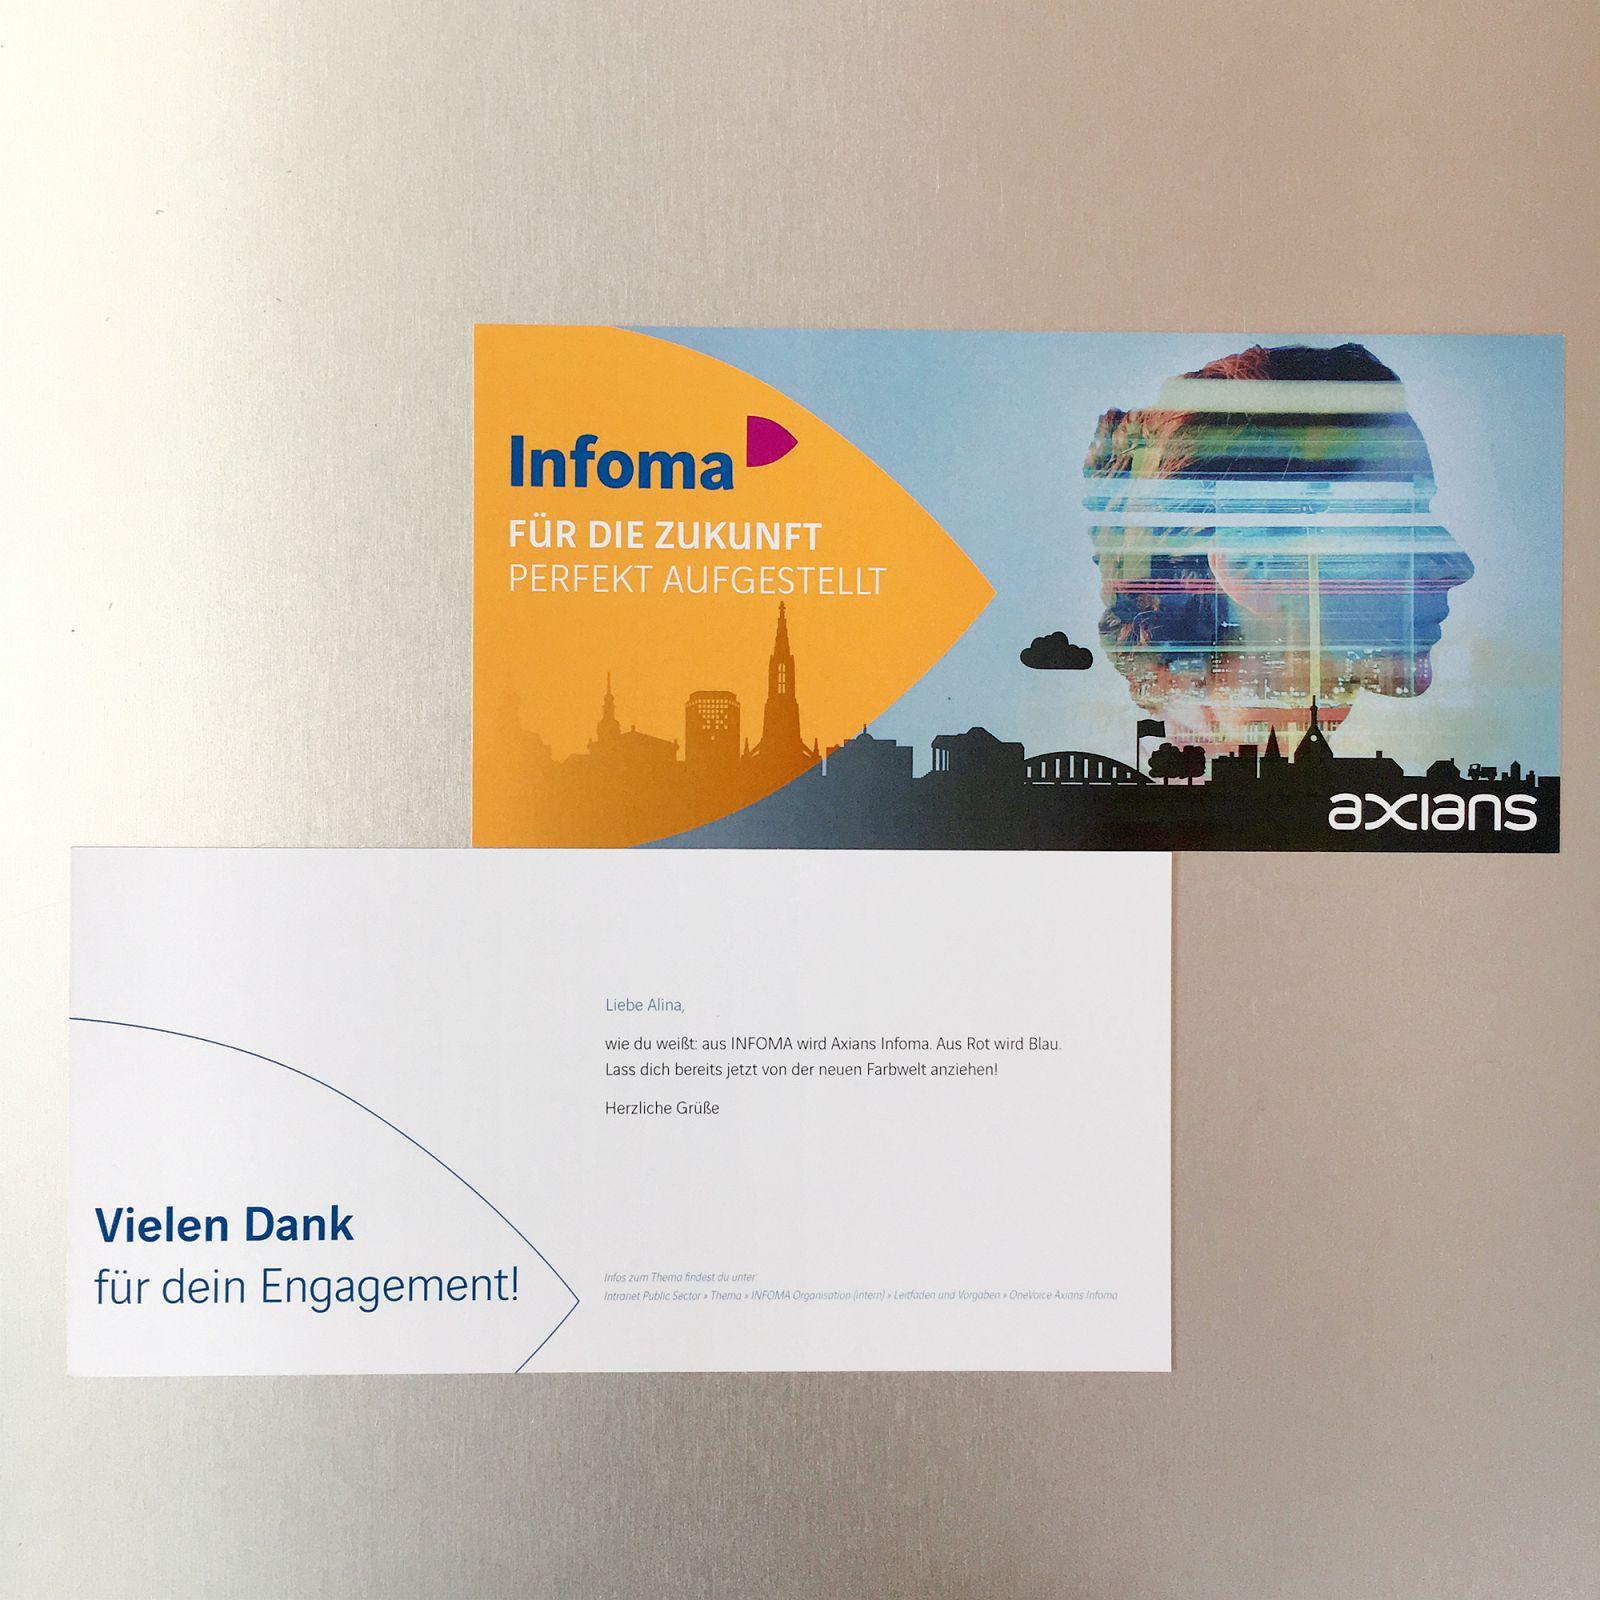 Software-Unternehmen in neuem Gewand - Aus INFOMA wird Axians Infoma GMBH Beispielbild 55_3